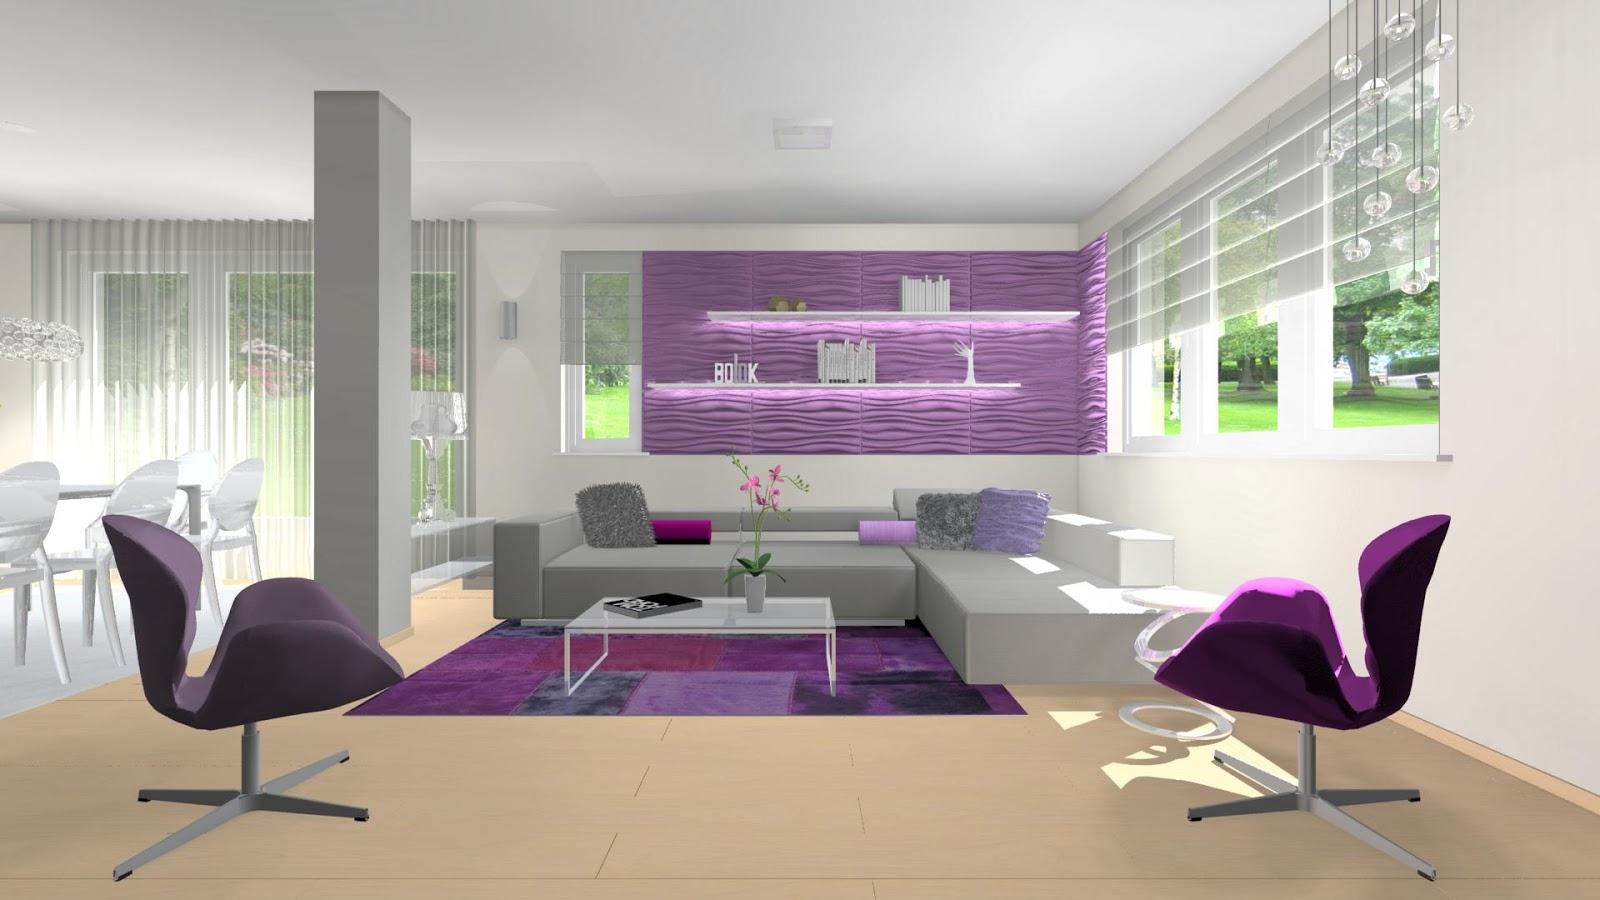 Otthon és Dekor: Egy modern lakás lilában: nappali, étkező, konyha ...